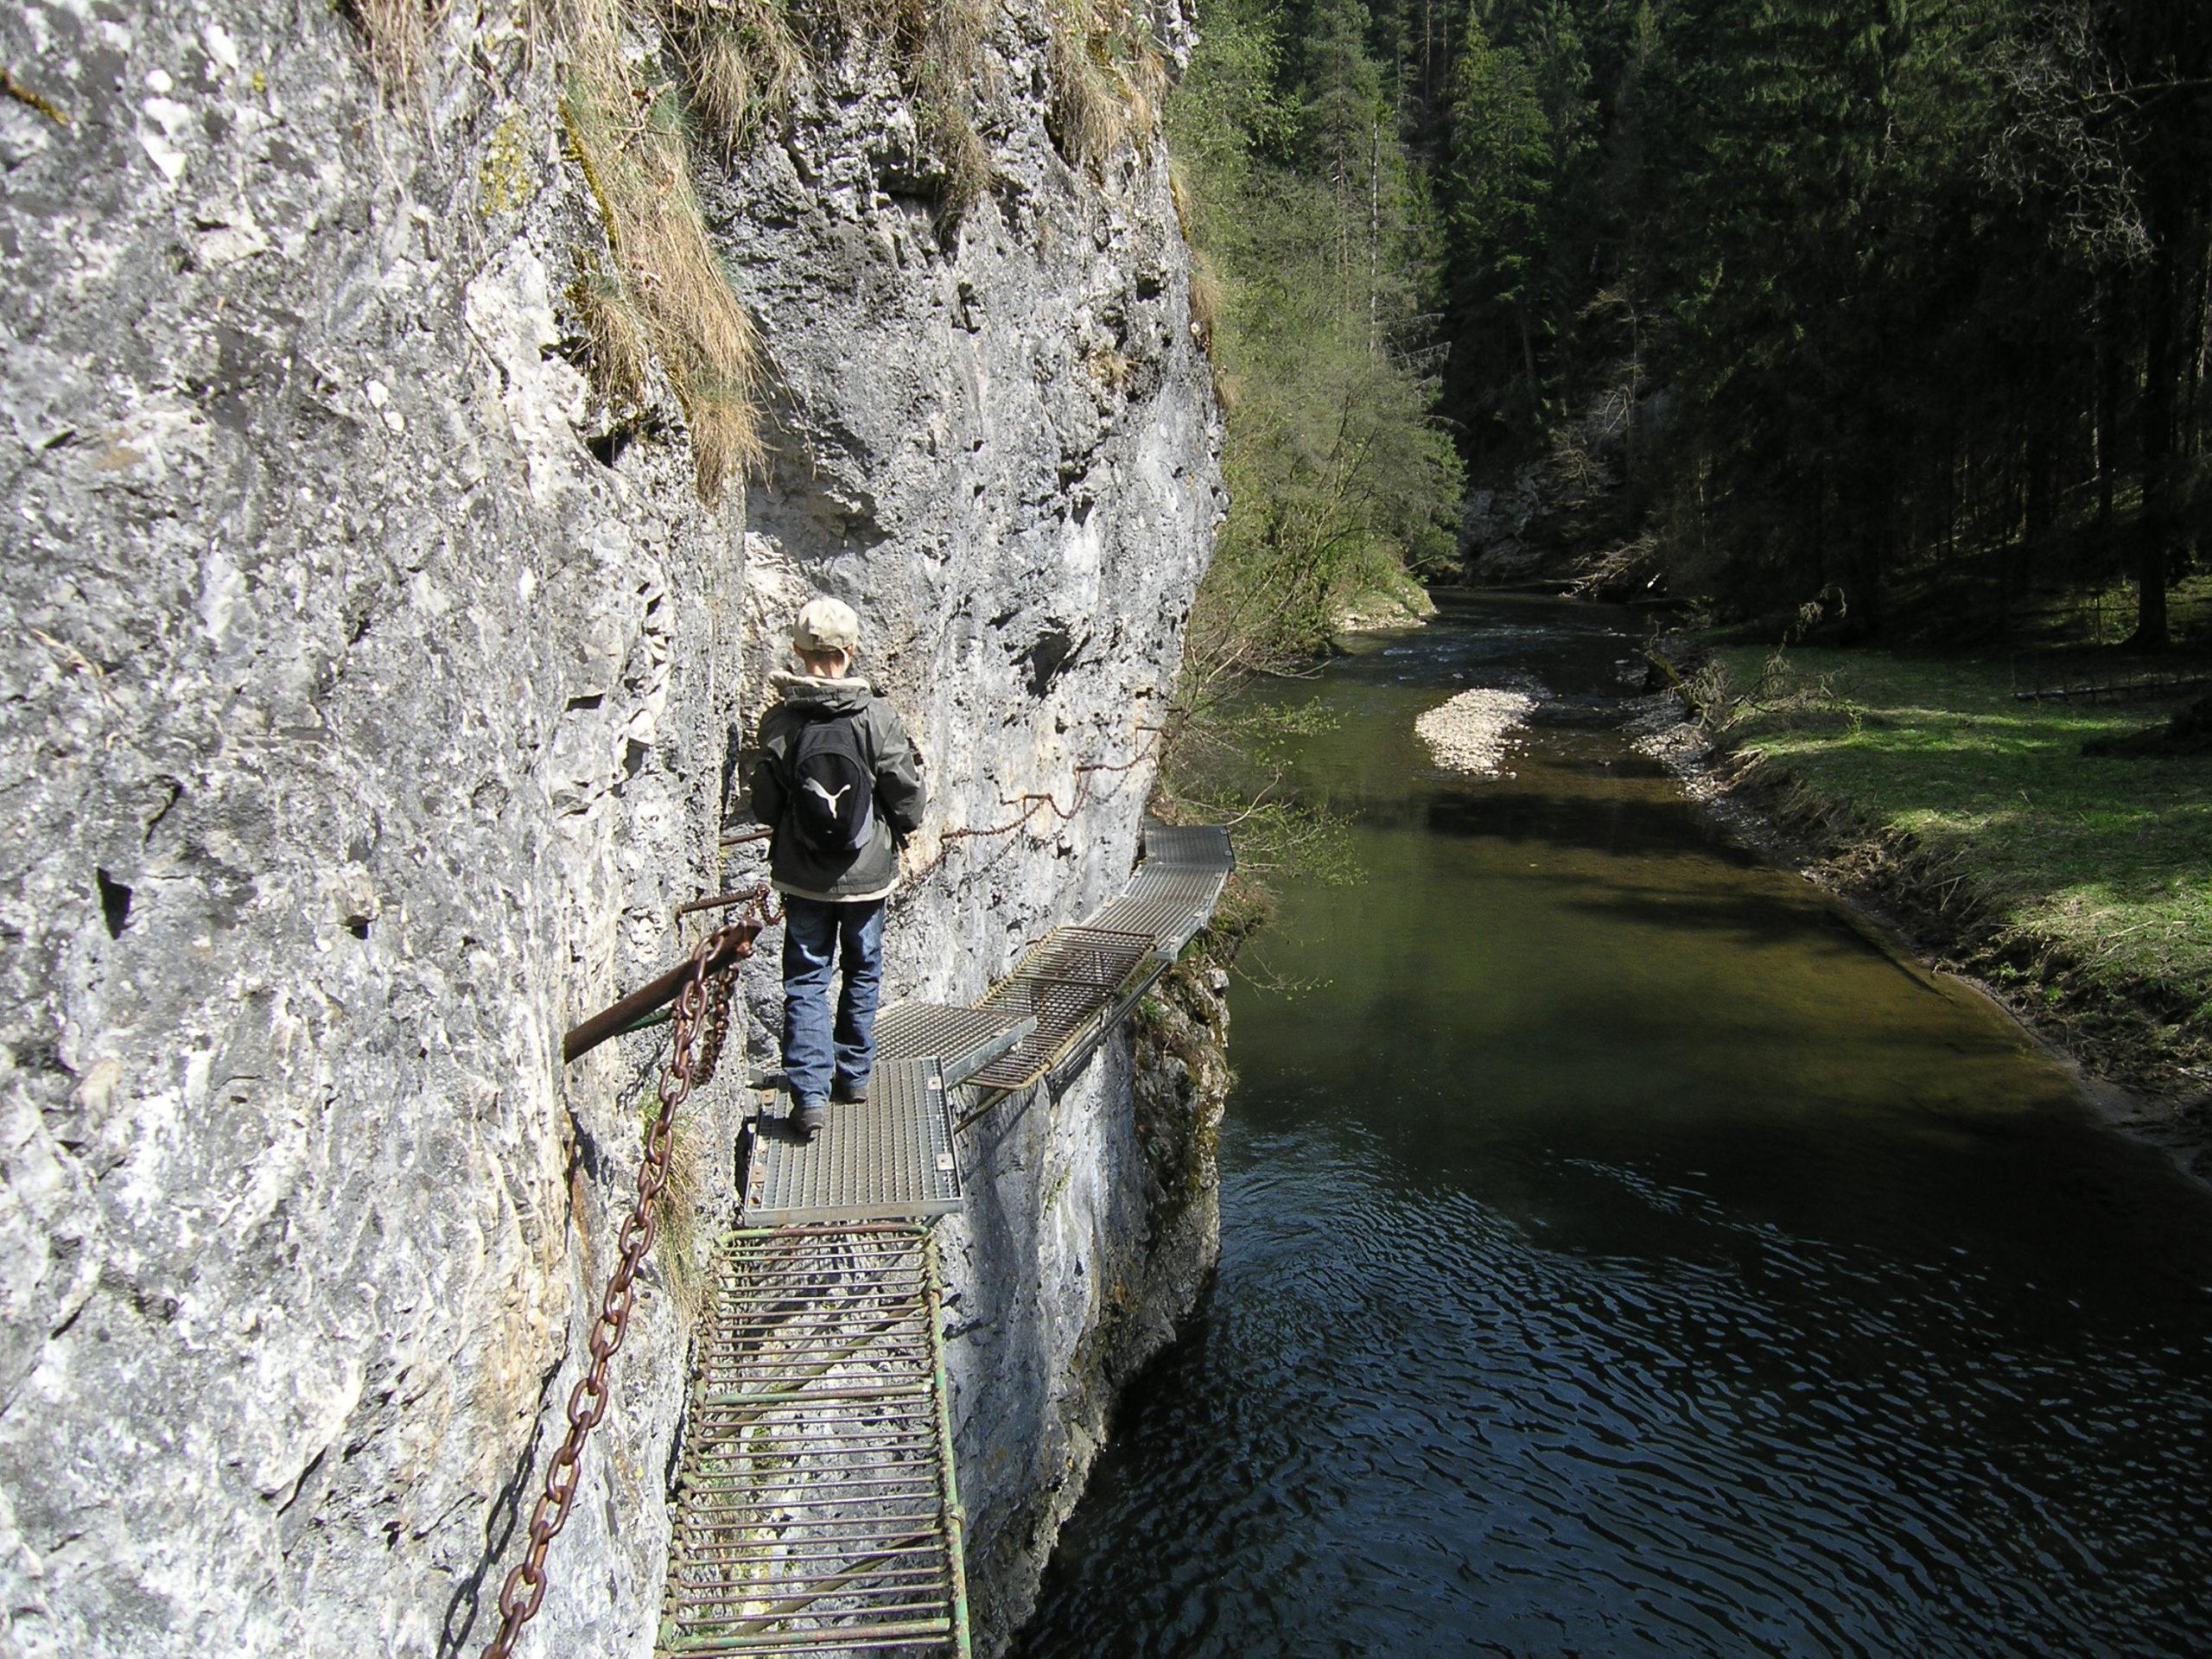 Łańcuchowy szlak przy Klifie nad wodą